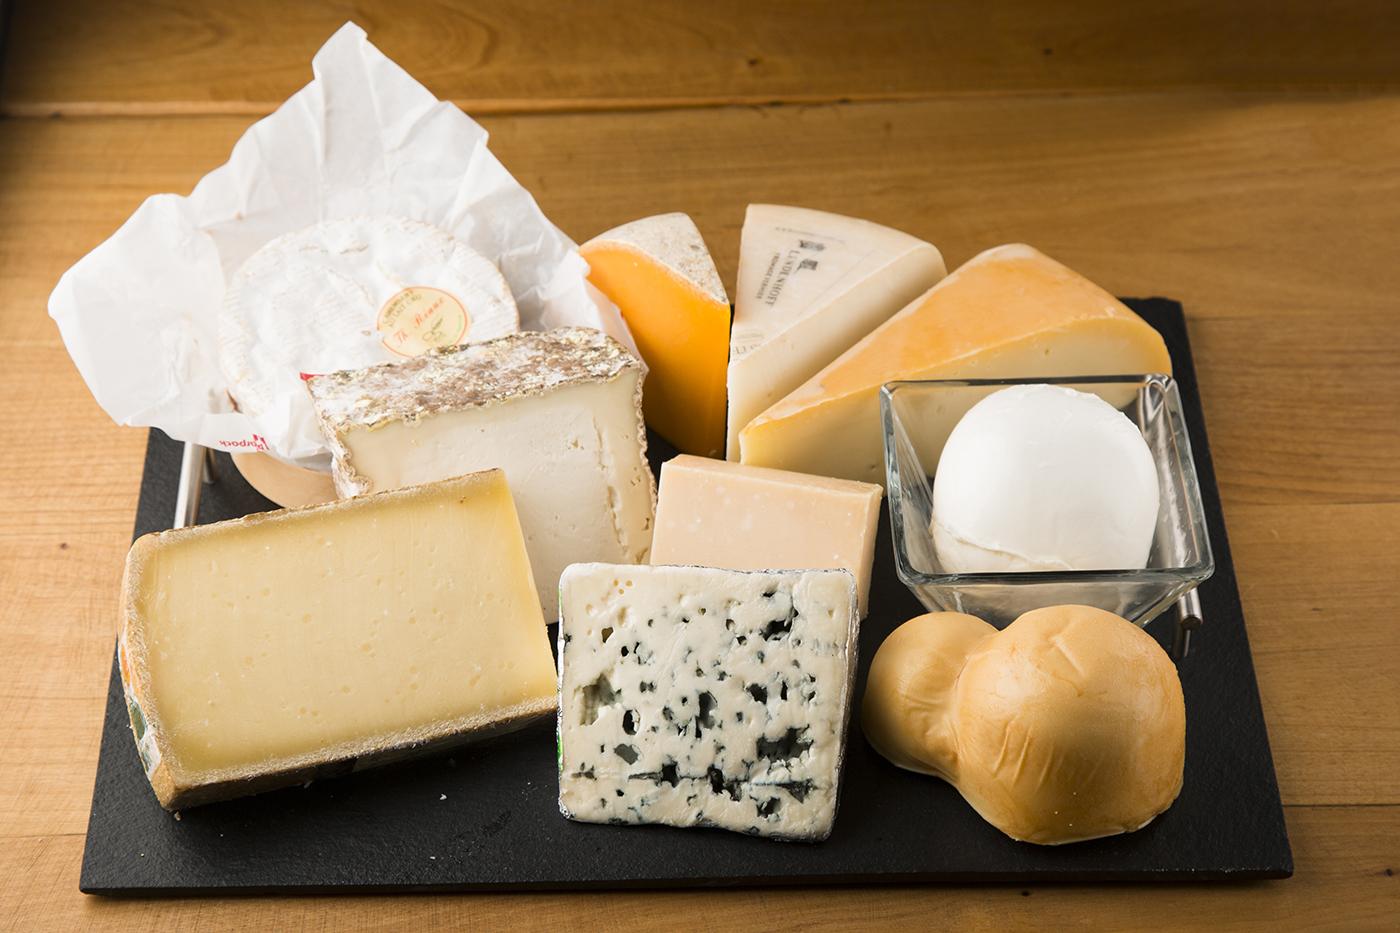 チーズプロフェッショナル舘野の世界各国から厳選した今月のおすすめのチーズ